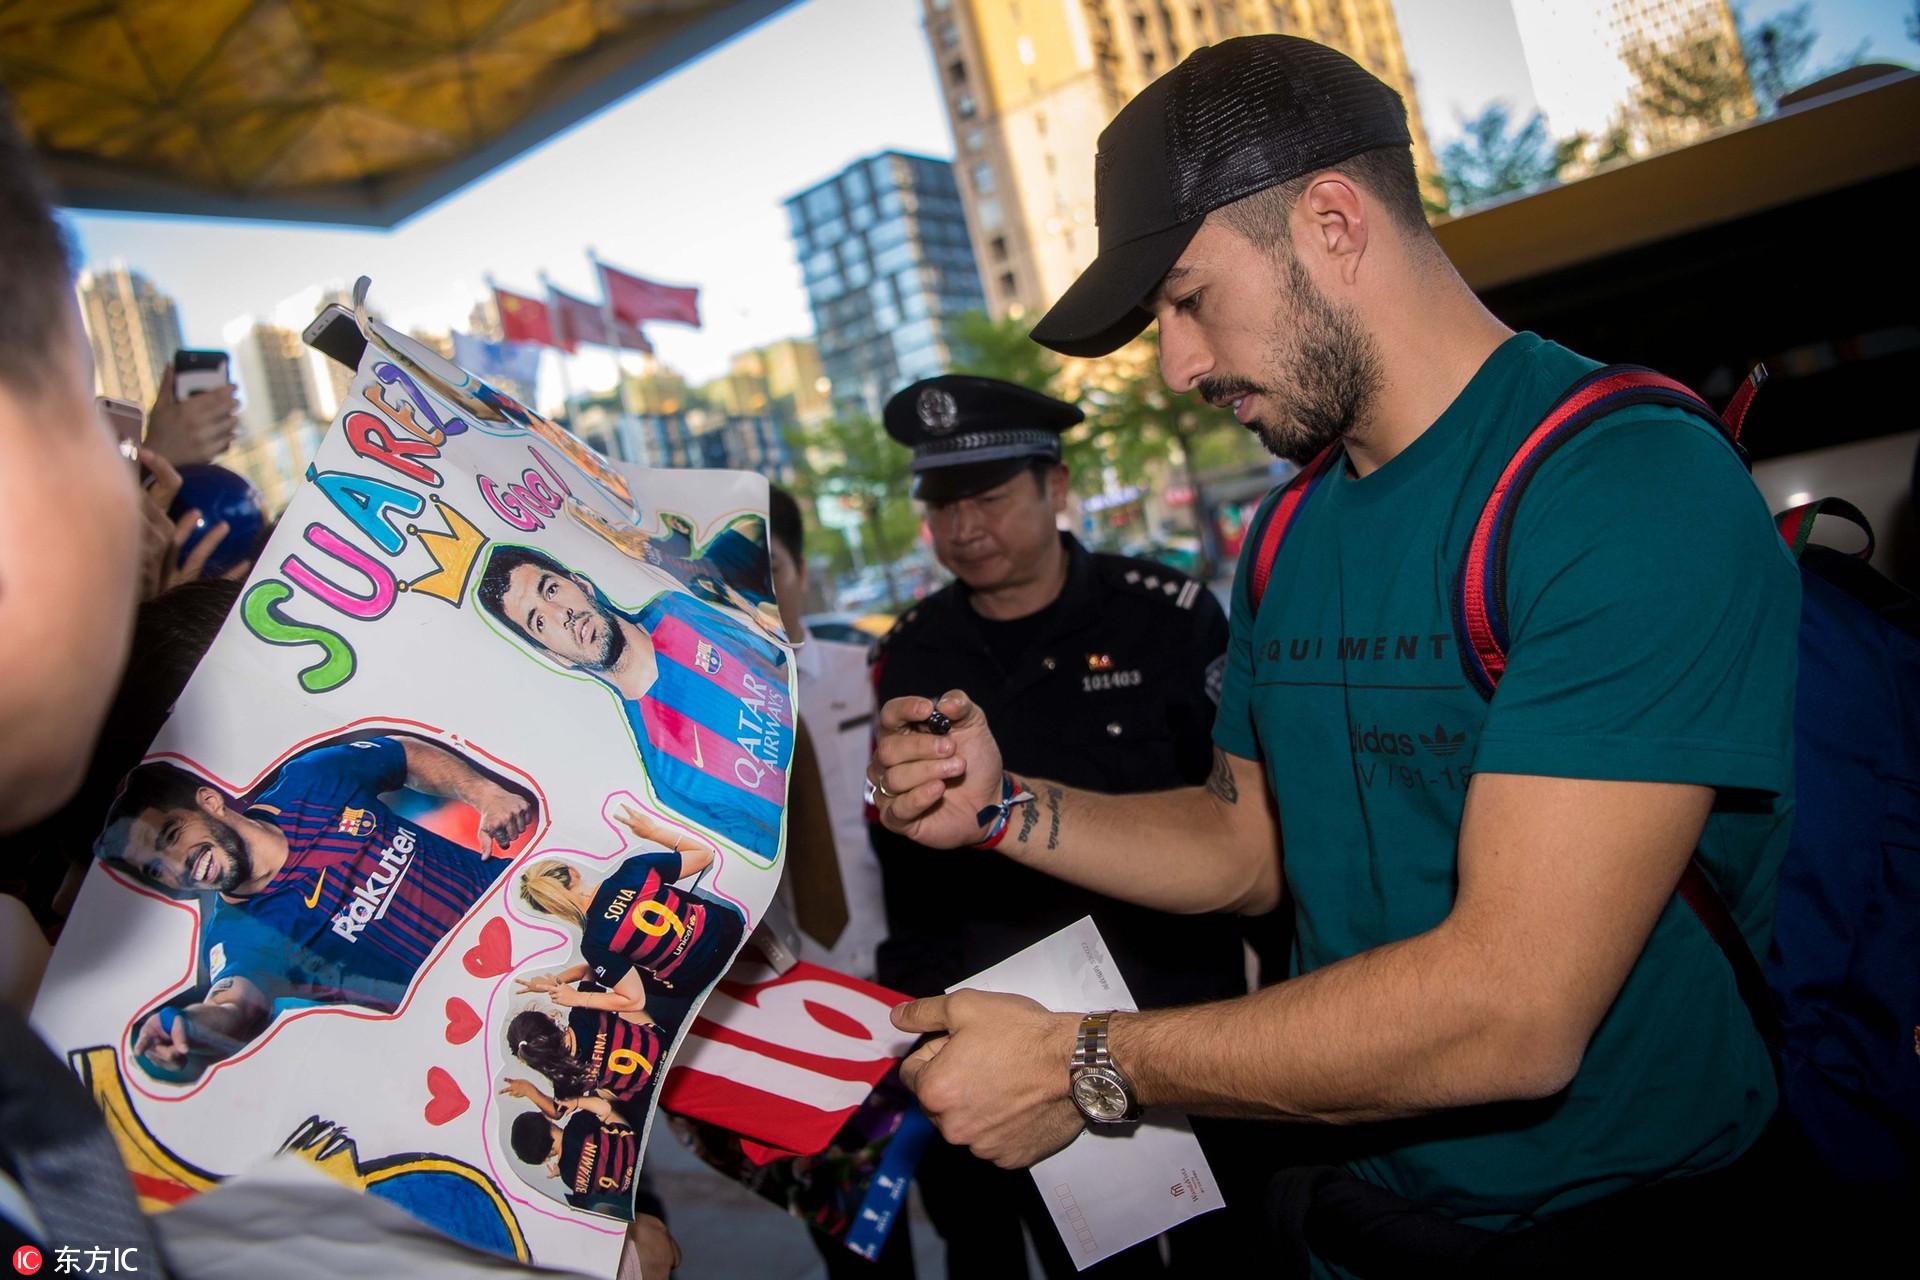 苏亚雷斯热情为球迷签名 获少数民族礼节接待